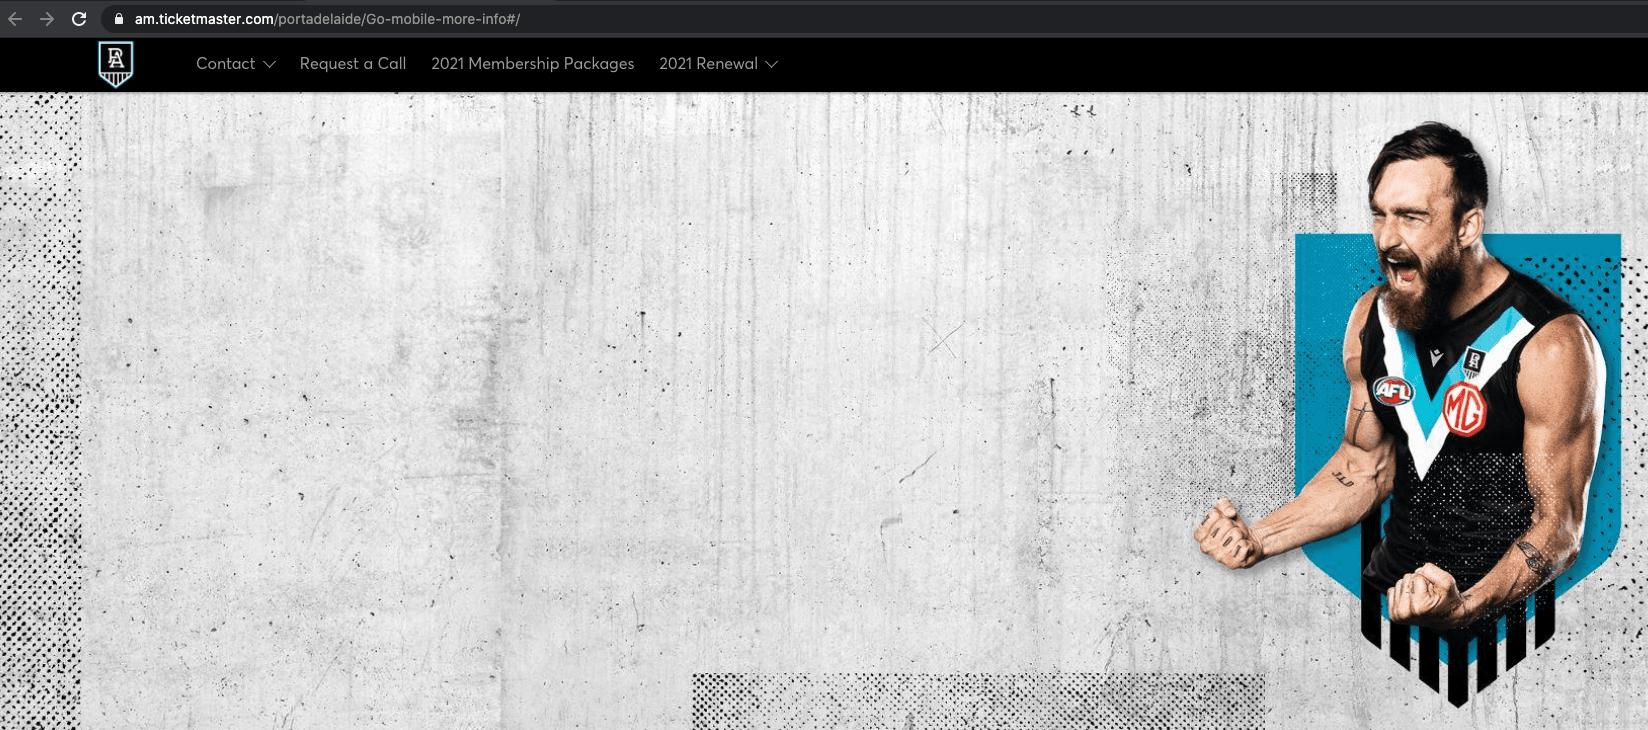 Screen Shot 2020-10-26 at 6.27.42 pm.png